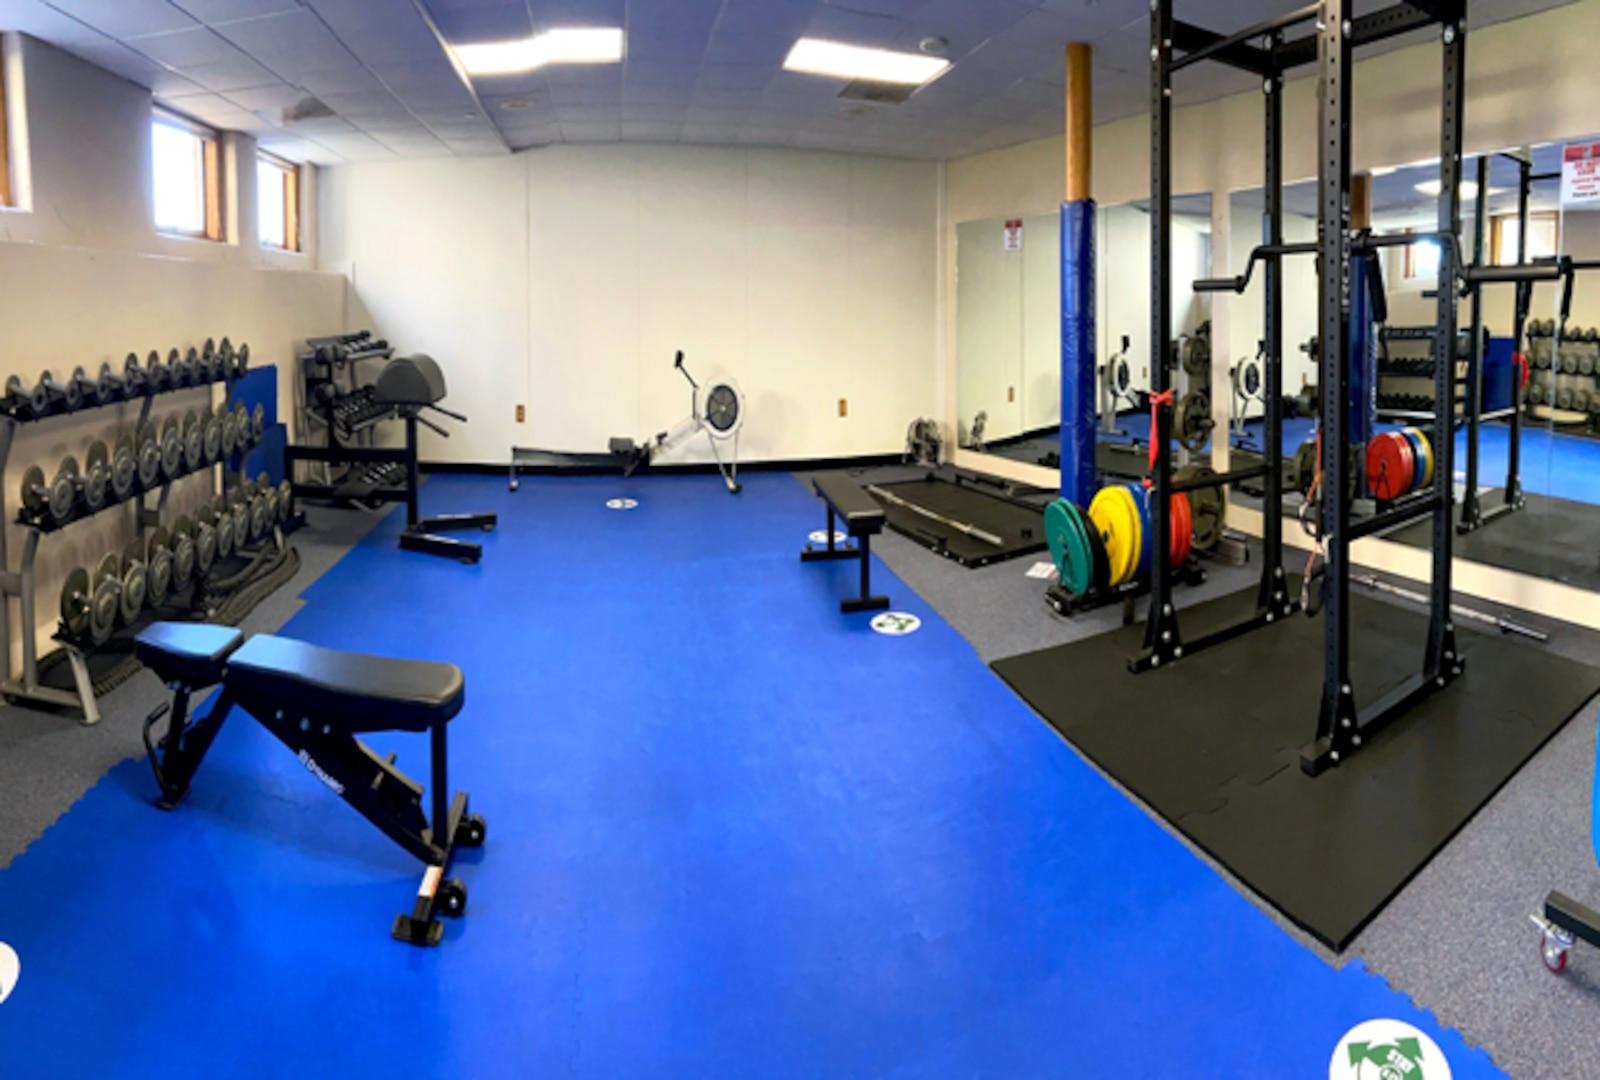 Fitness room featuring cardio equipment - i.e., treadmills, ellipticals and recumbent bikes.